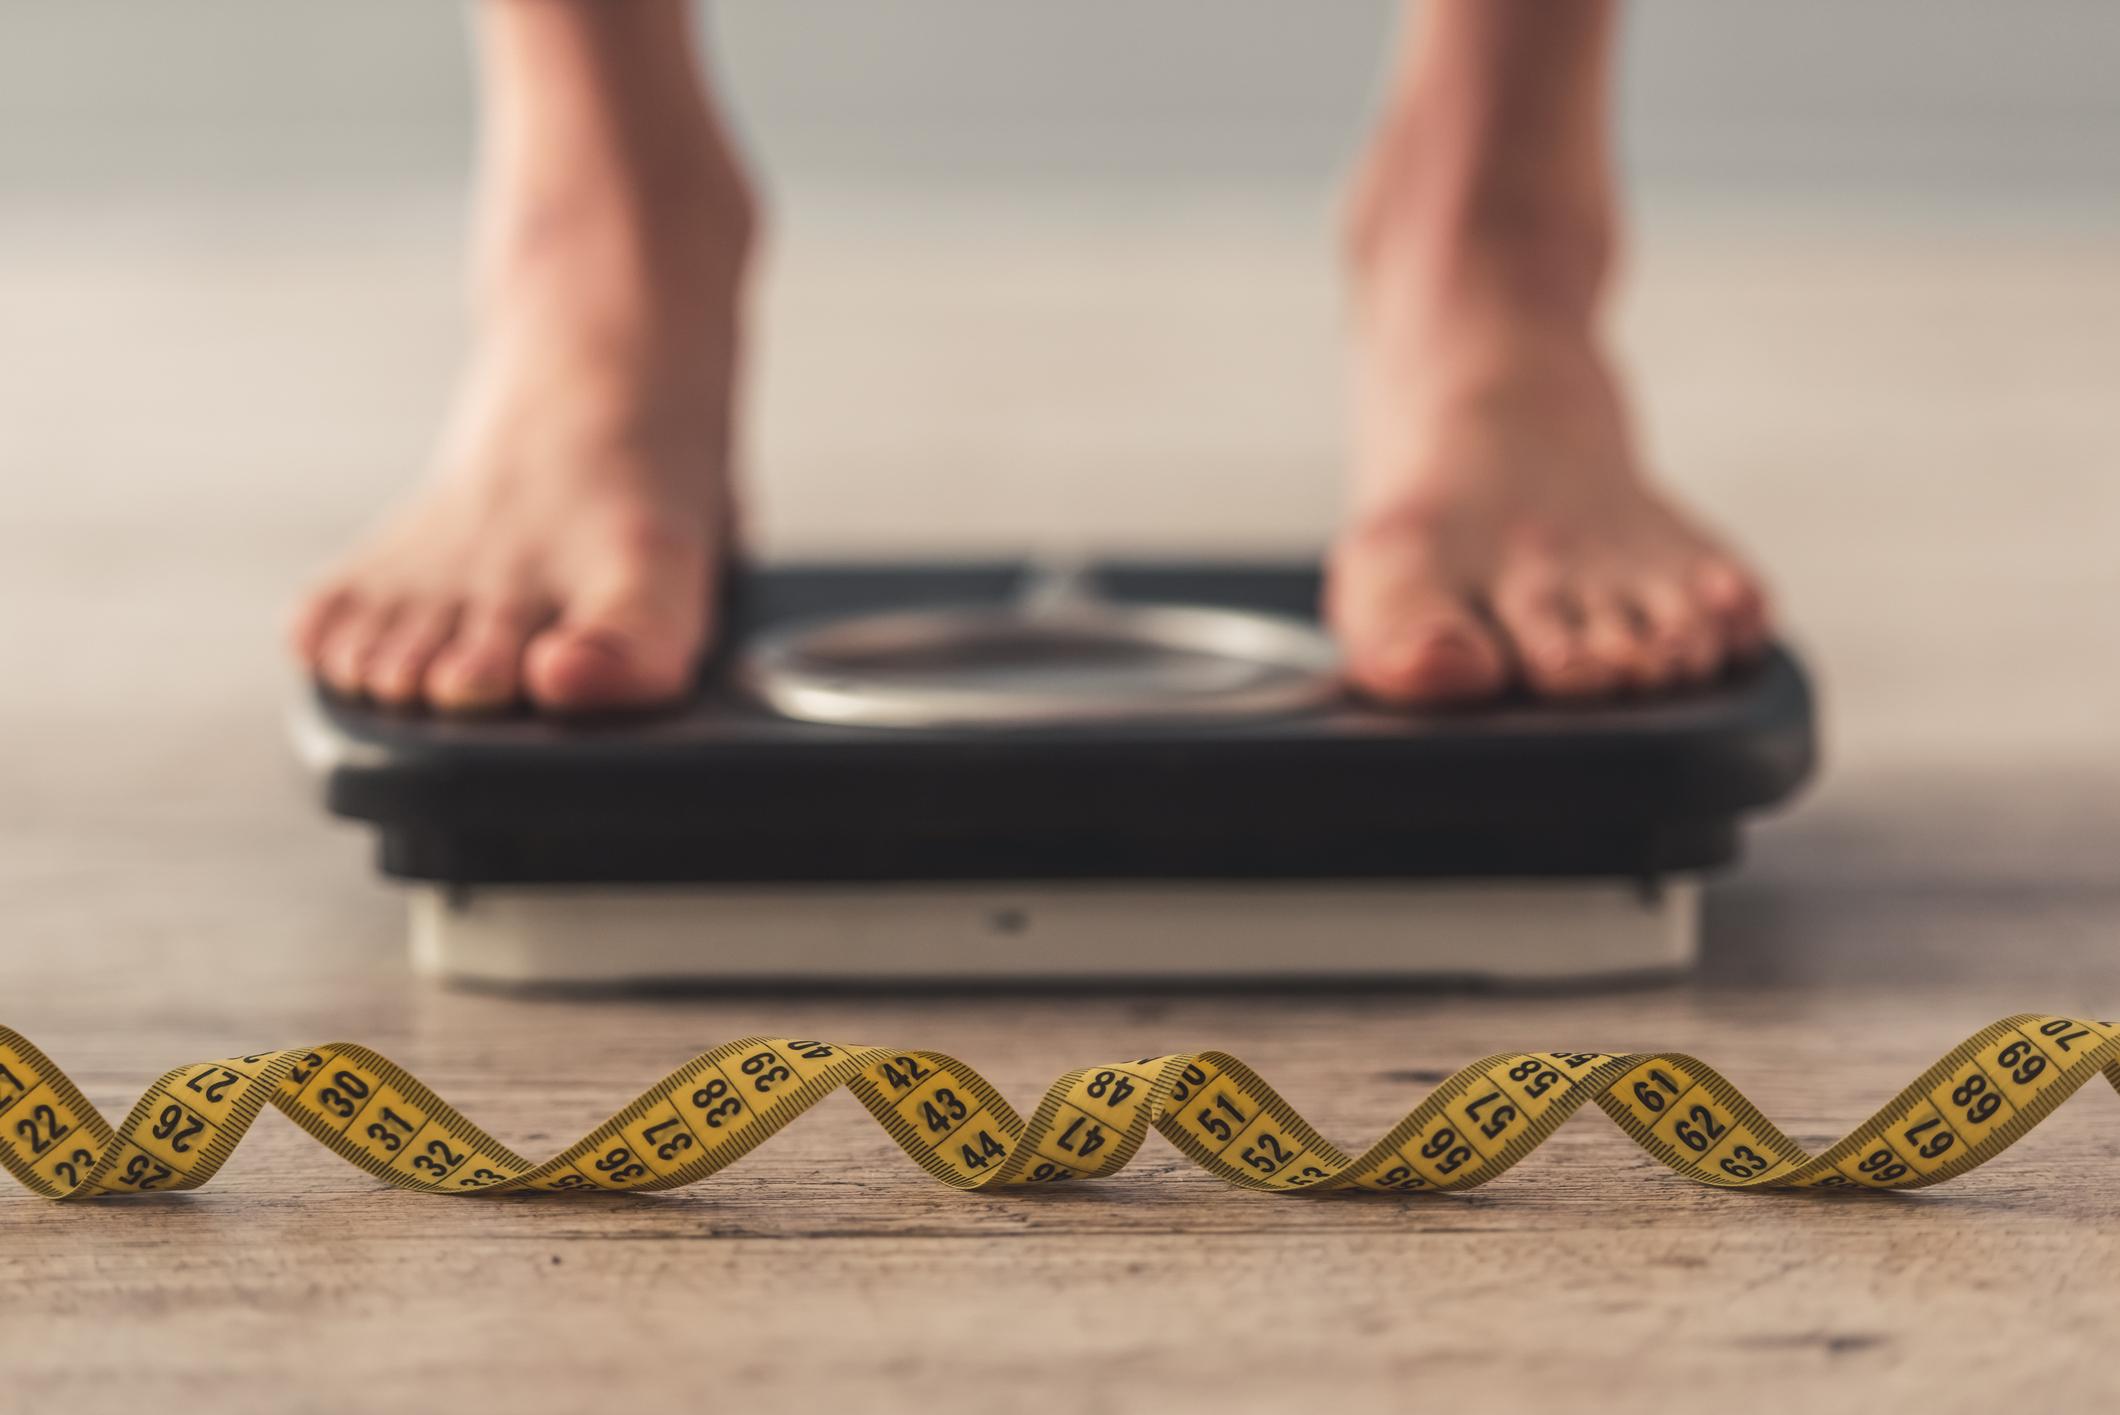 cel mai bun mod de a pierde in greutate